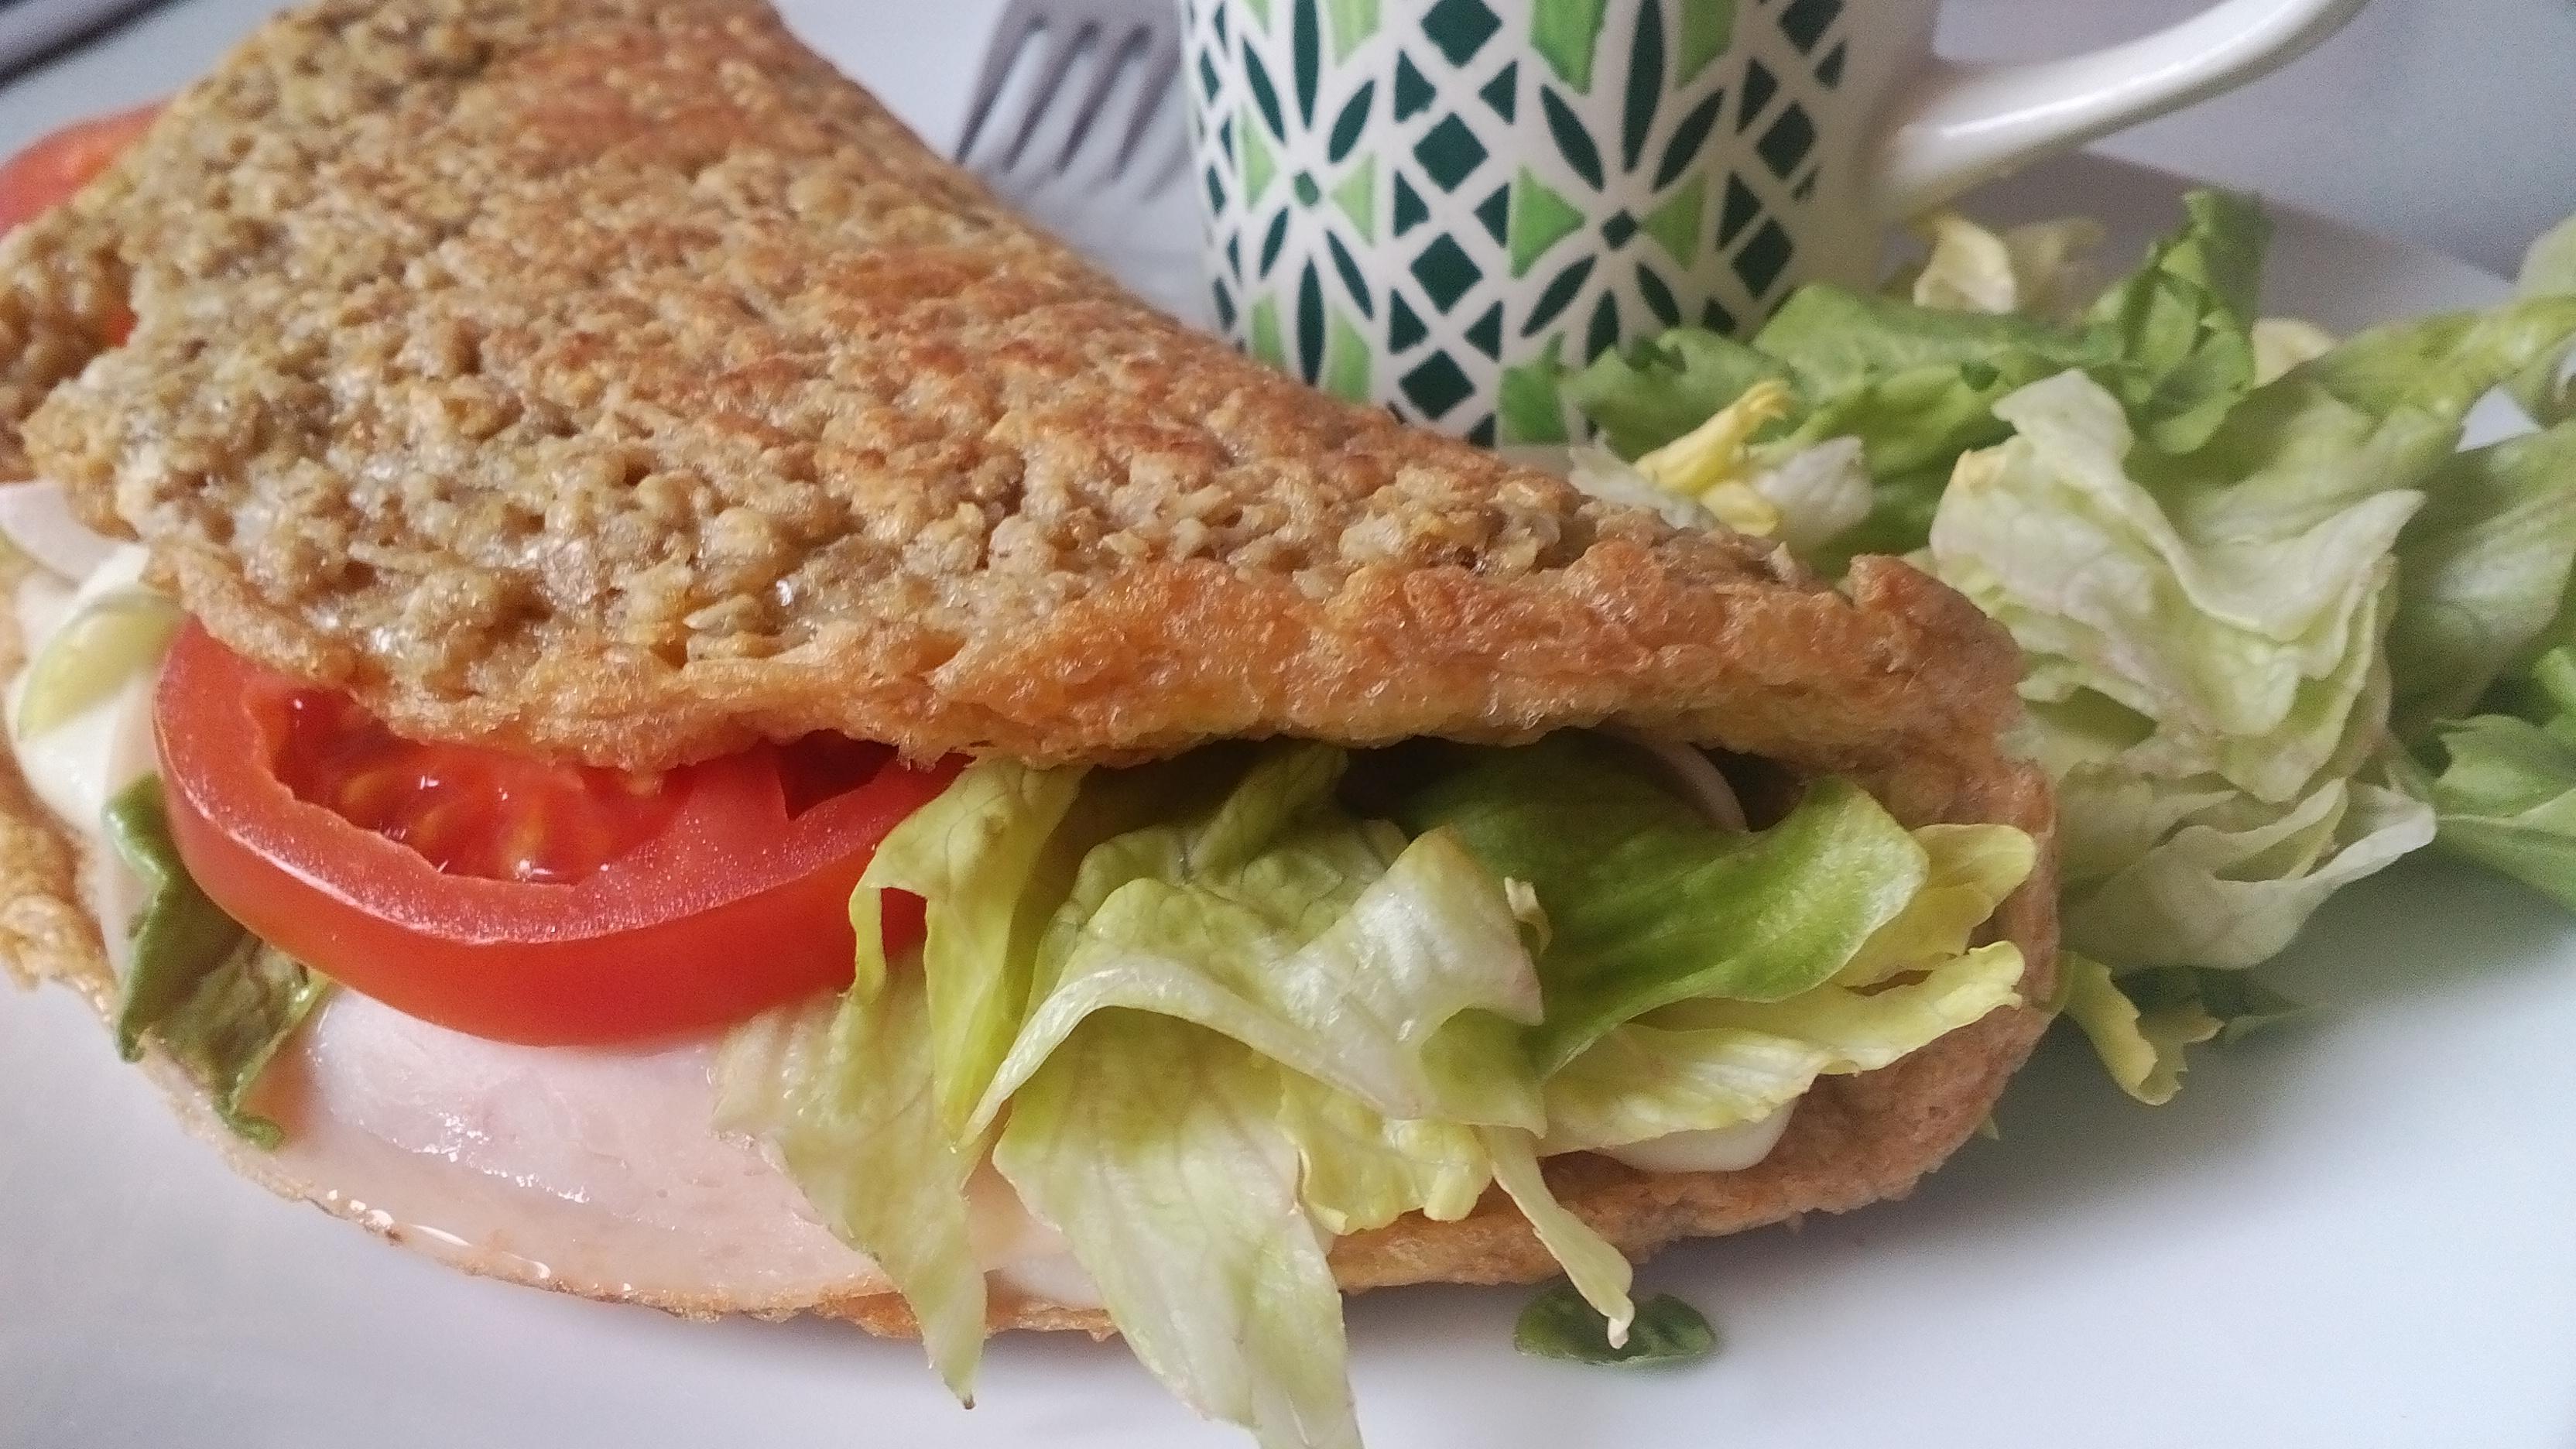 Zablepény recept diétás reggelire a sós zabpelyhes receptek kedvelőinek